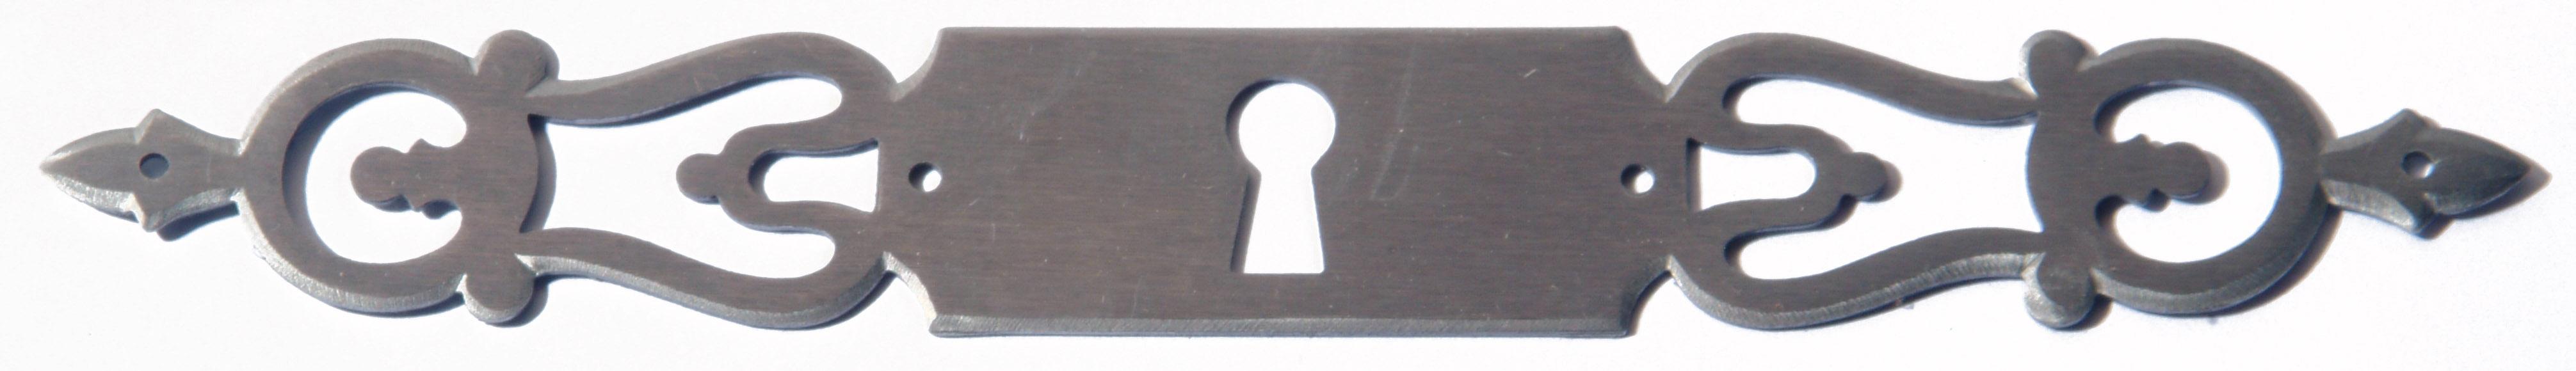 Entr e de cl rustique pour tiroir horizontale for Entree de cle pour meuble